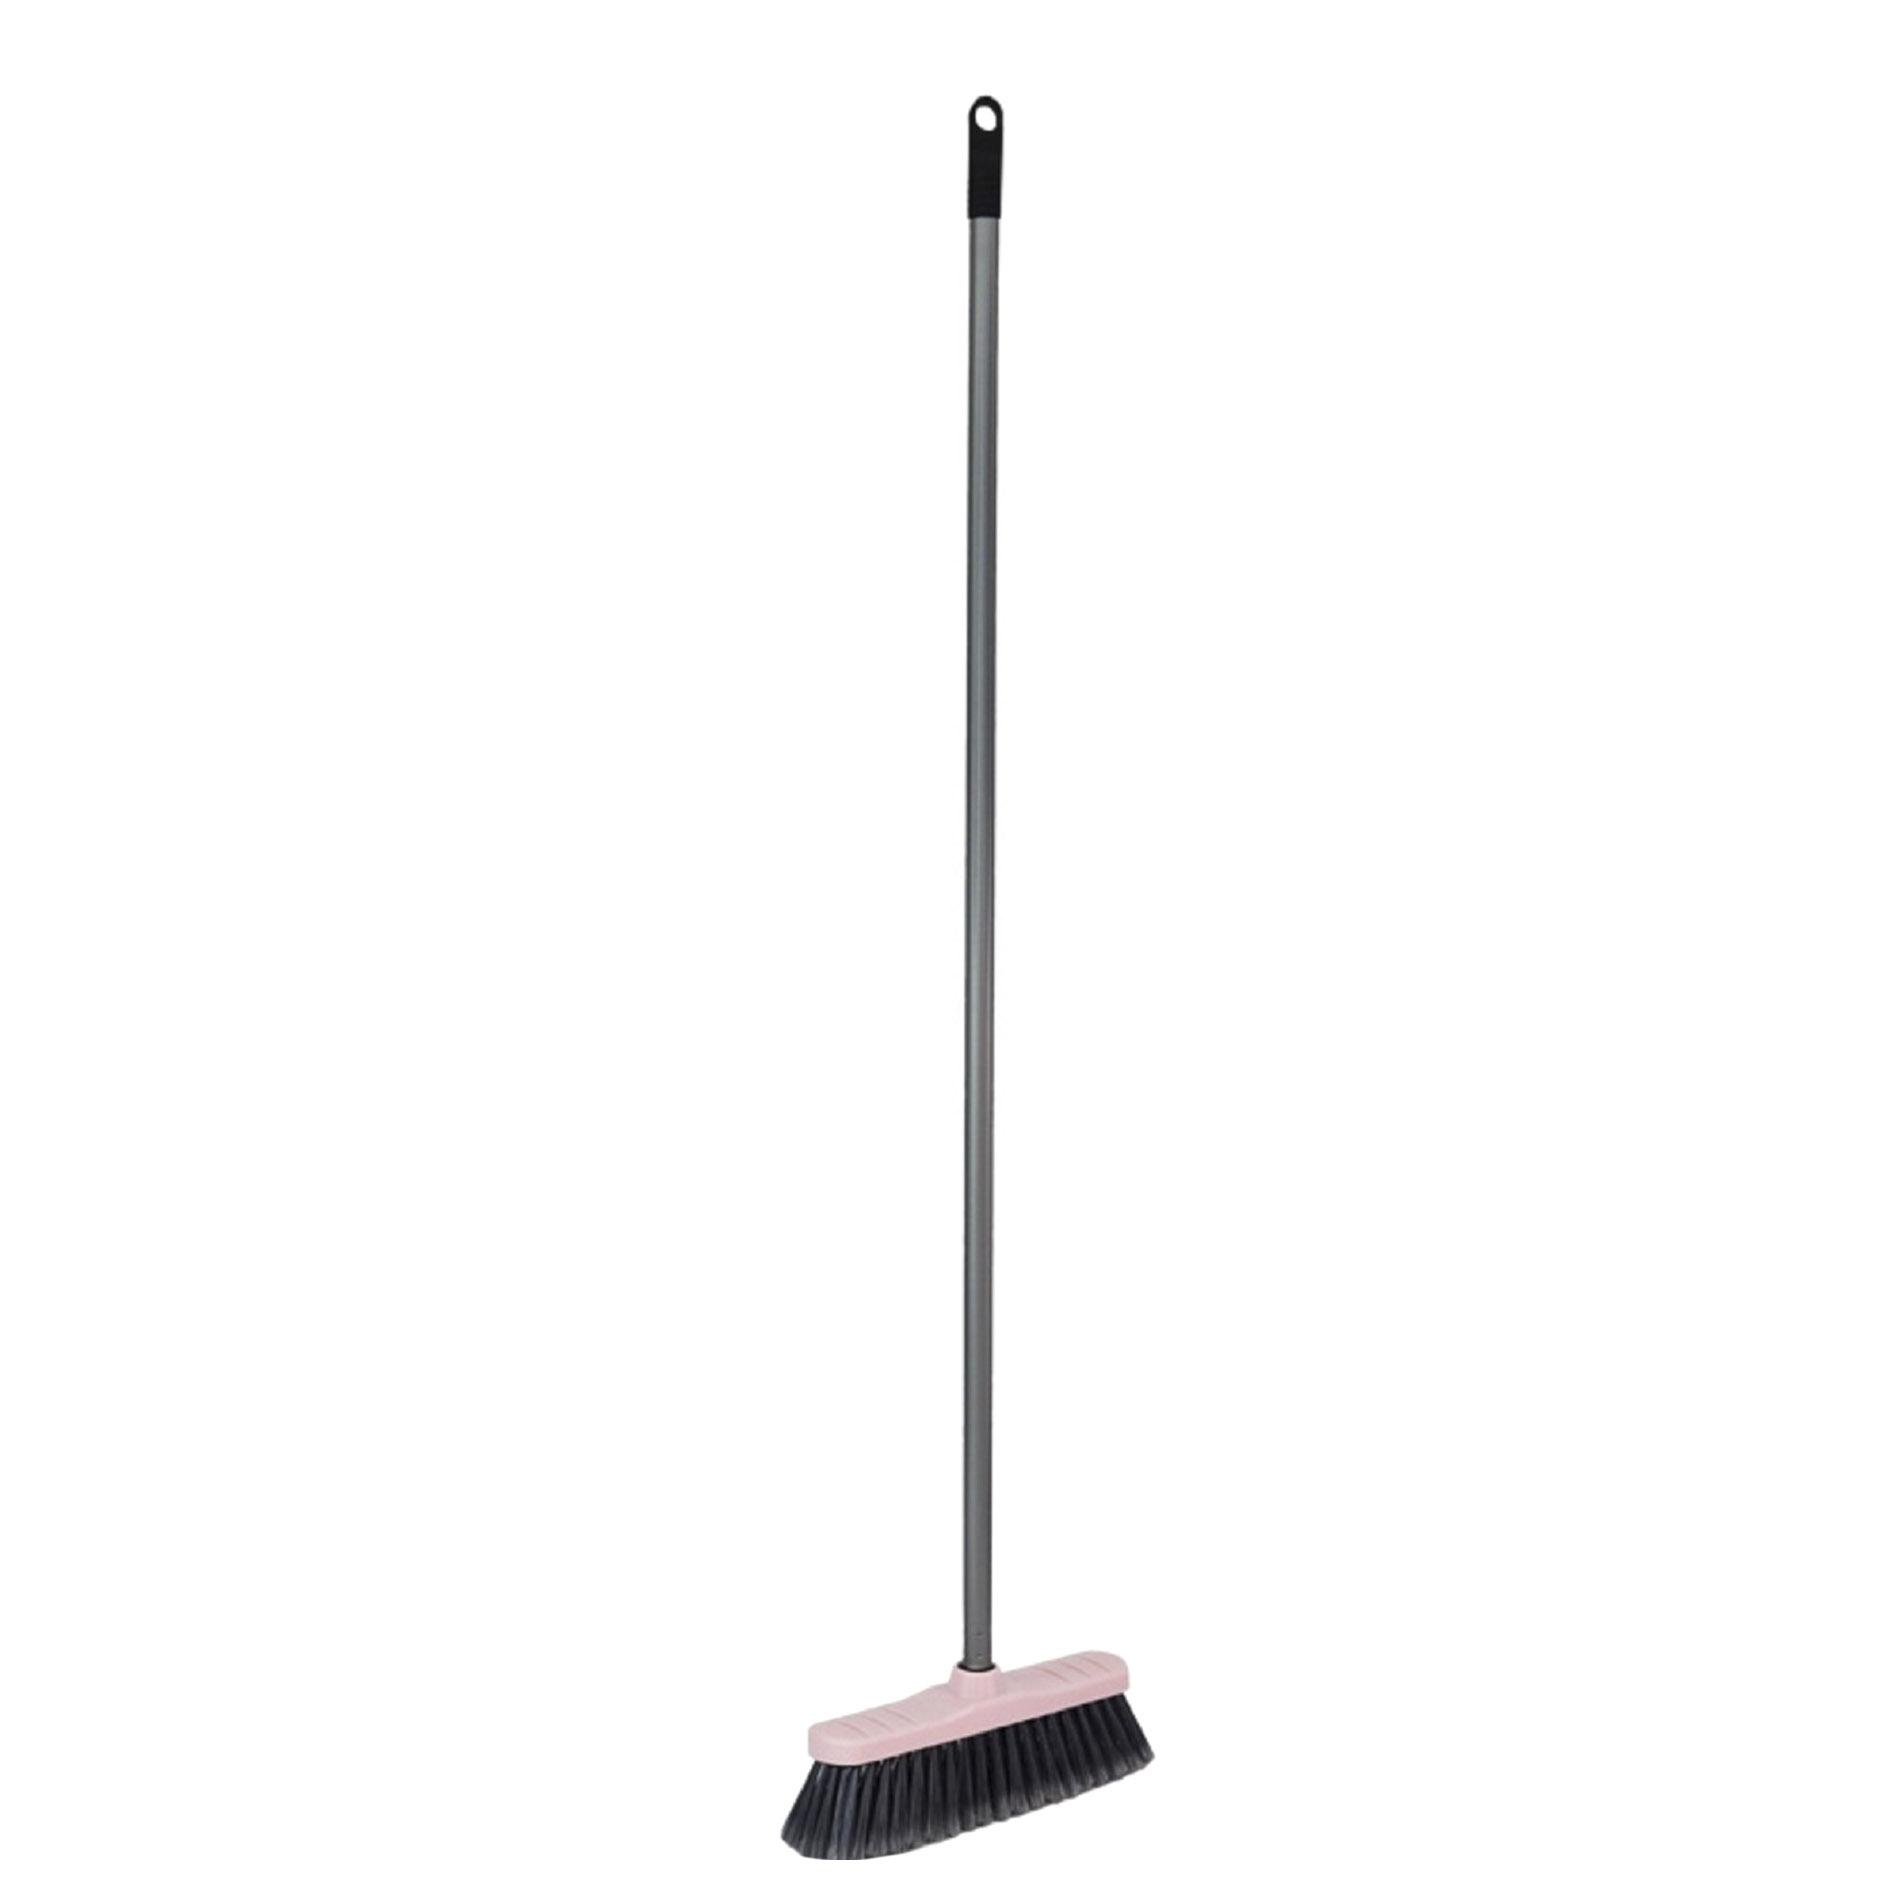 Щетка для сухой уборки пола In loran 110 см фото